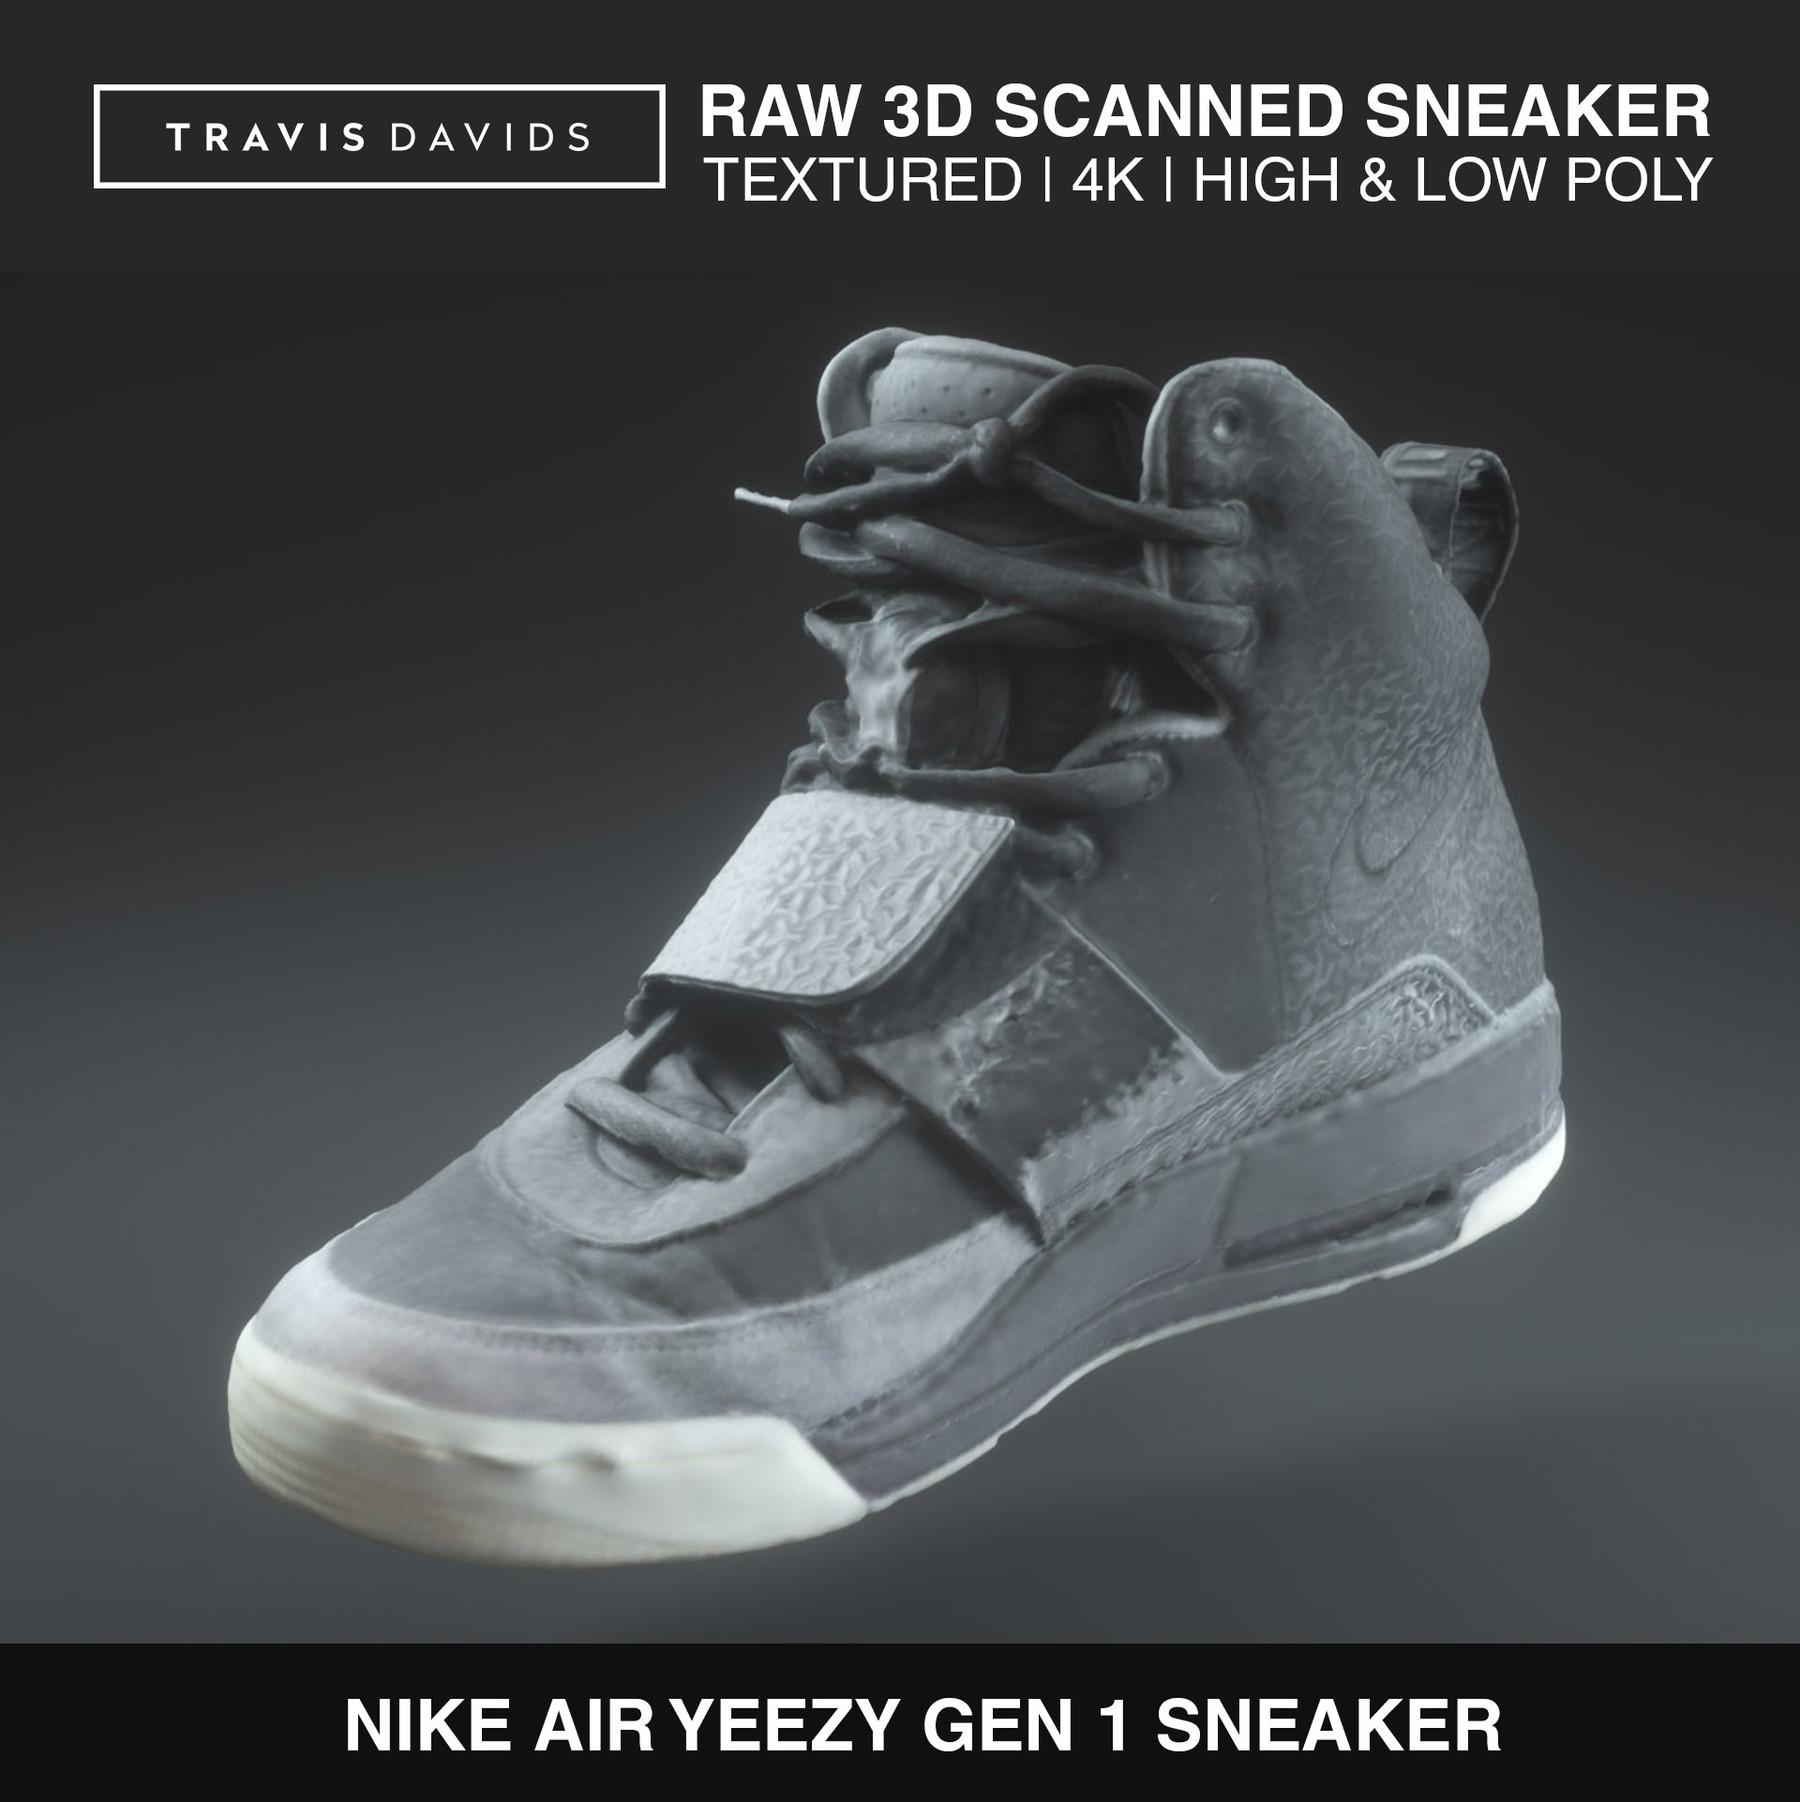 Nike%20air%20yeezy%20gen%201%20sneaker solo